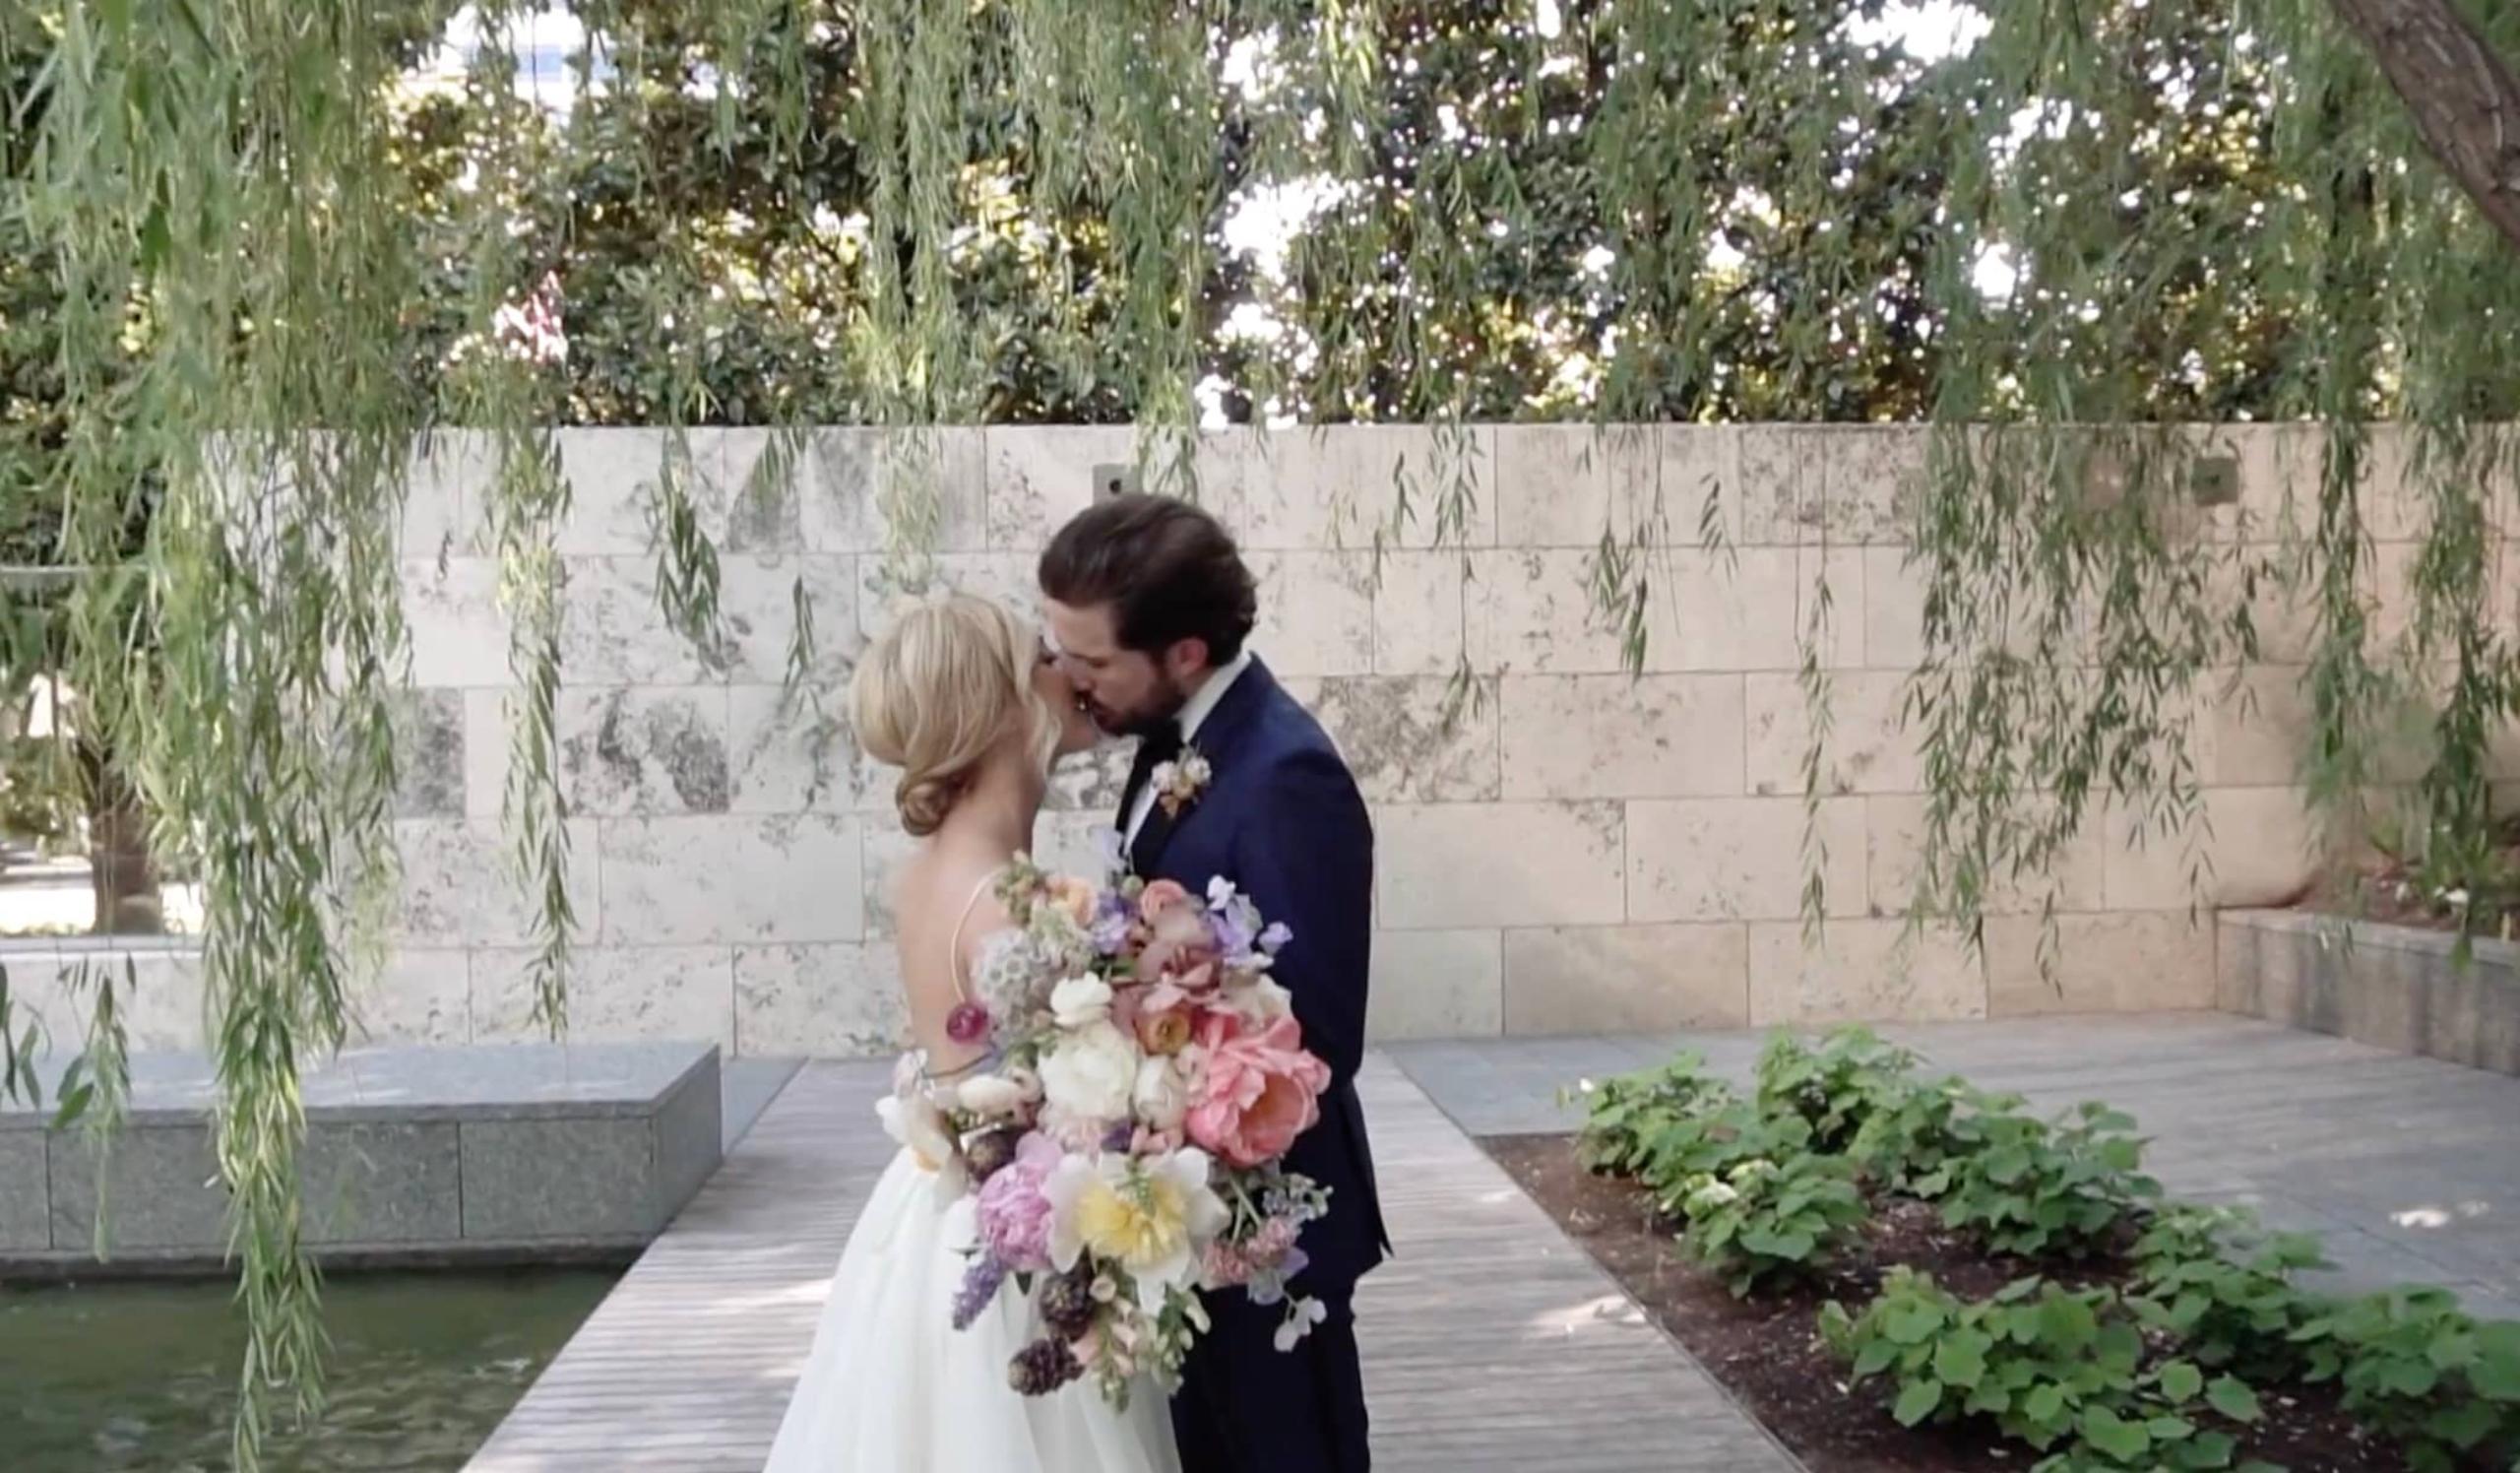 Abby + Robert | Dallas, Texas | The Nasher Sculpture Garden